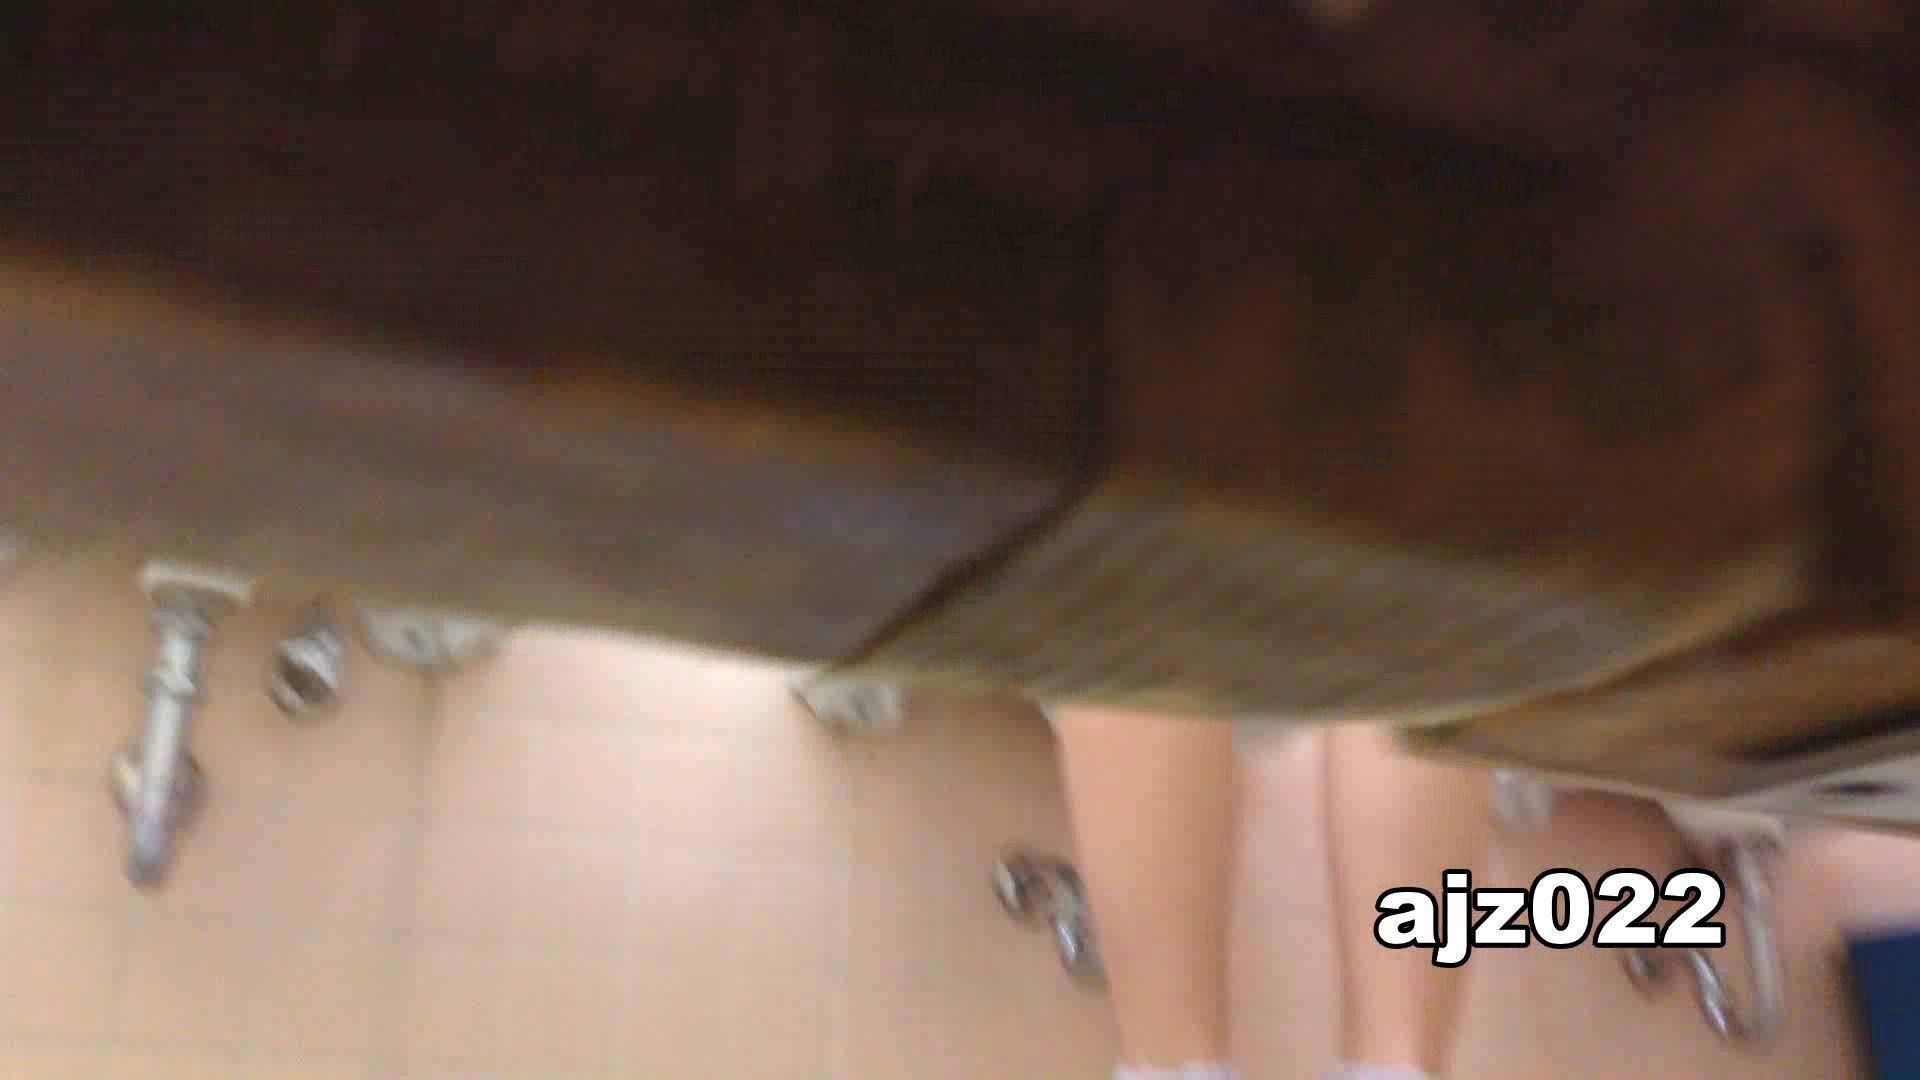 某有名大学女性洗面所 vol.22 和式 おまんこ動画流出 94連発 94